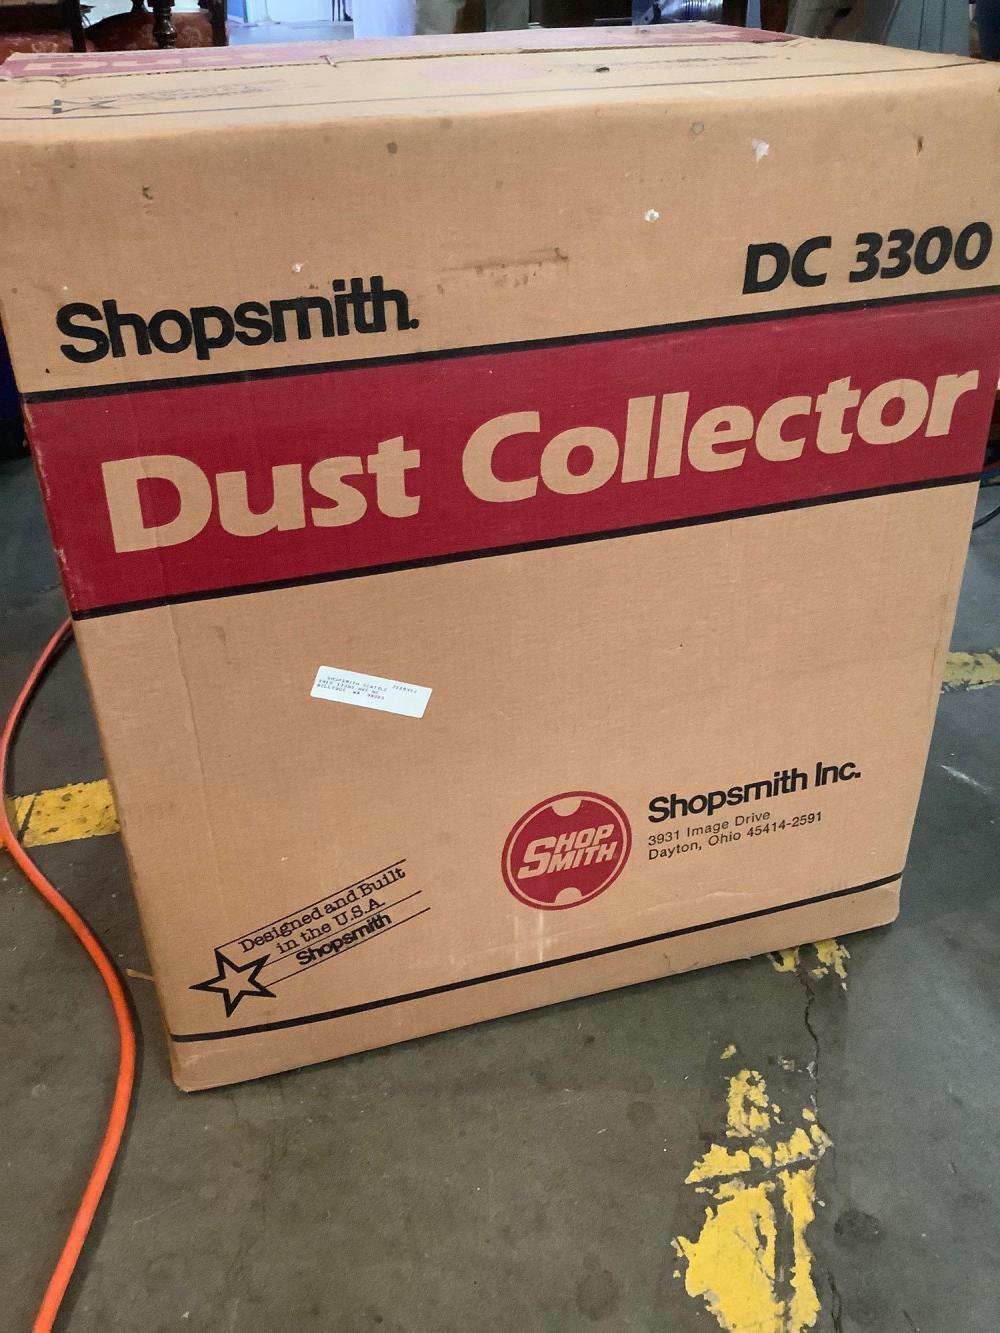 Lot 101: Shop Smith Mark V Home Workshop System model no. 510 w/ scroll saw, bandsaw, sanders etc